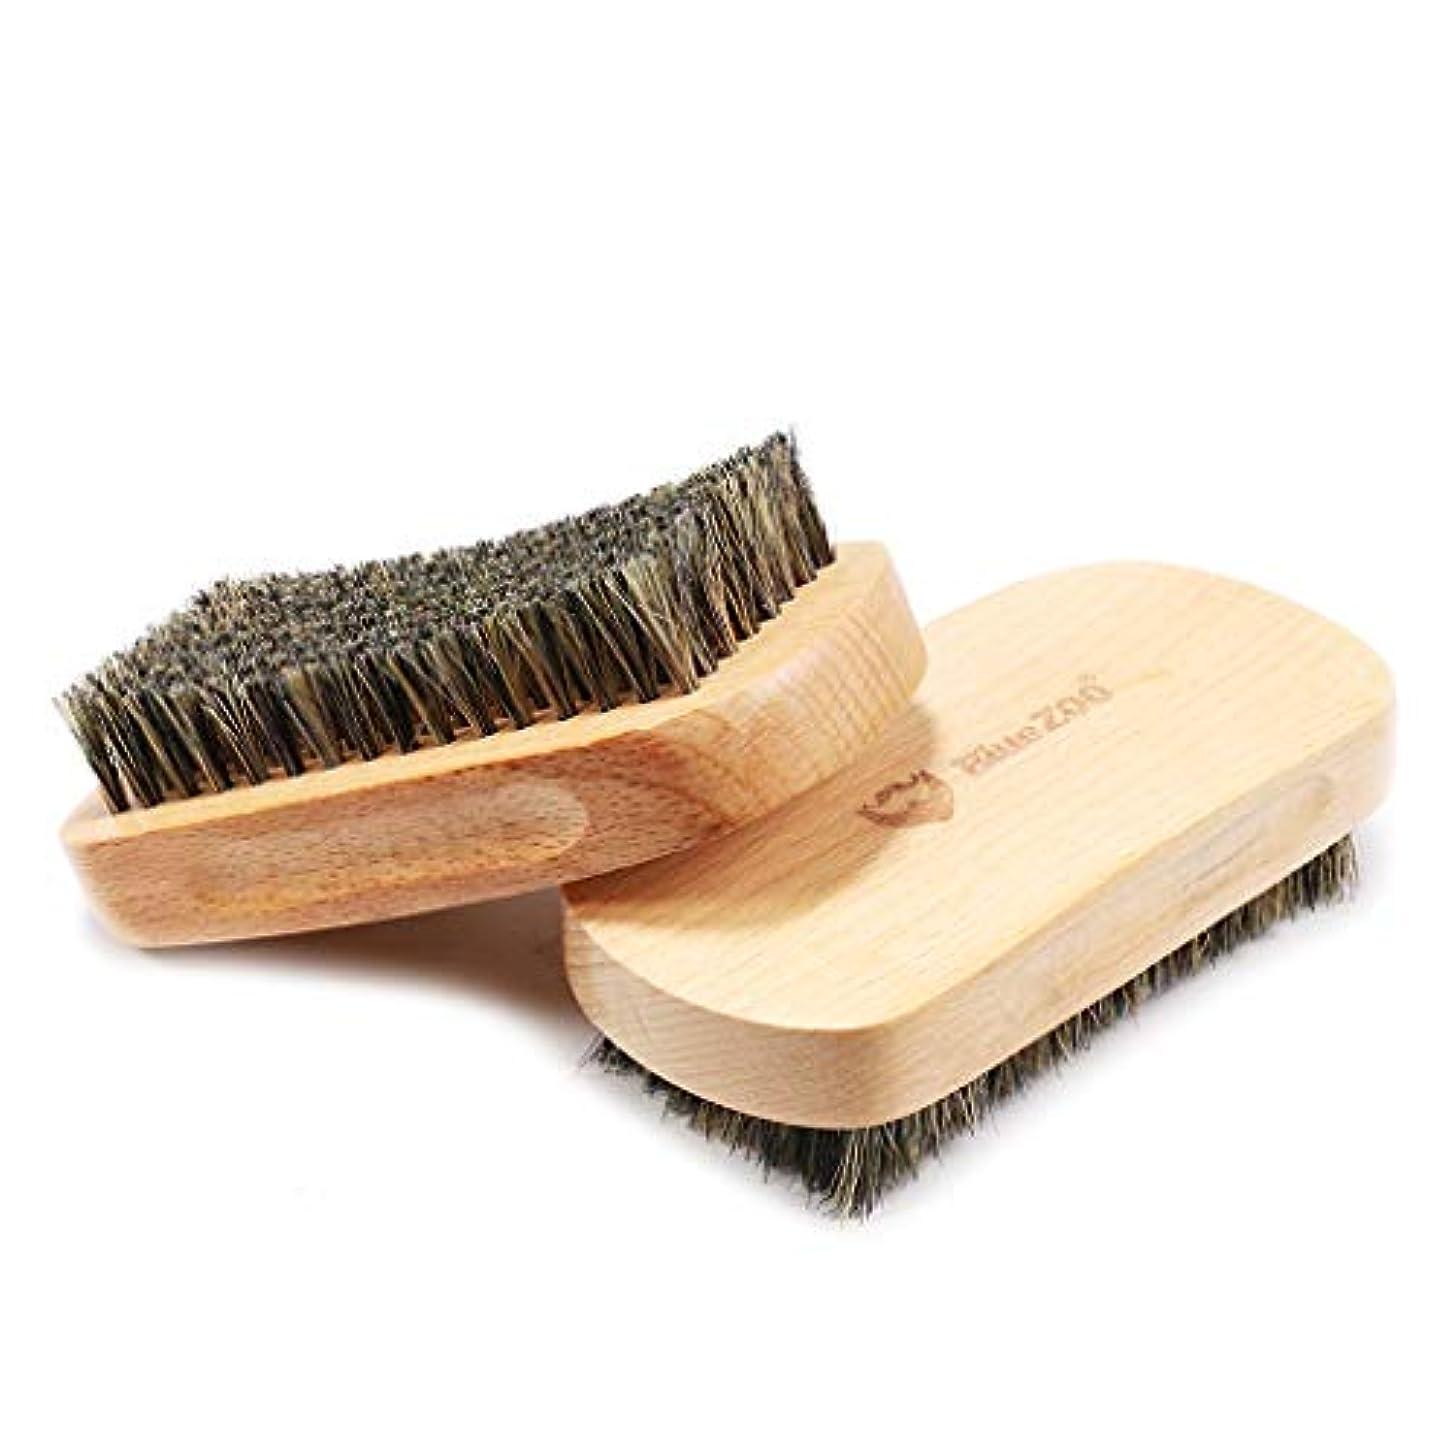 一流遊具振る舞うP Prettyia ひげブラシ シェービングブラシ メンズ 毛髭ブラシ ひげ剃り 硬い剛毛 理容 洗顔 髭剃り